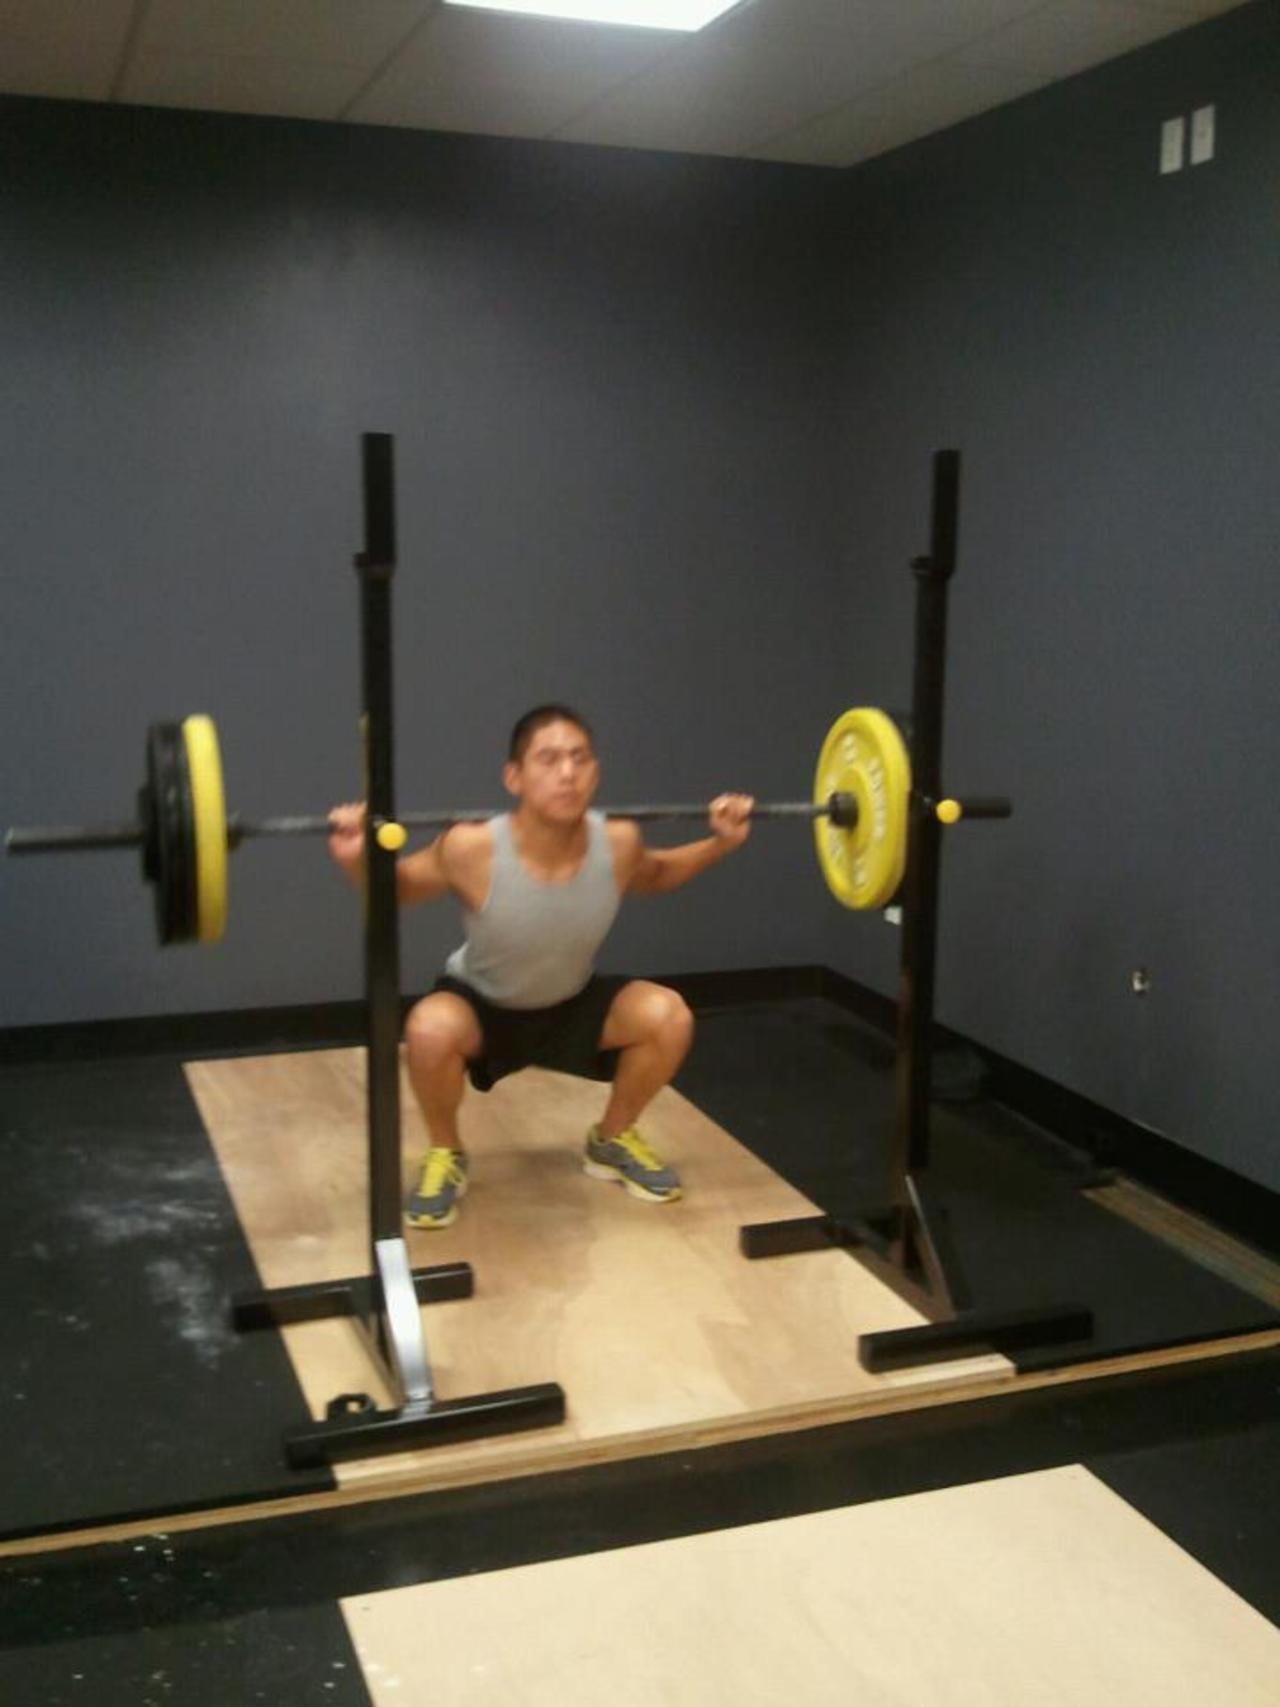 Eric squat